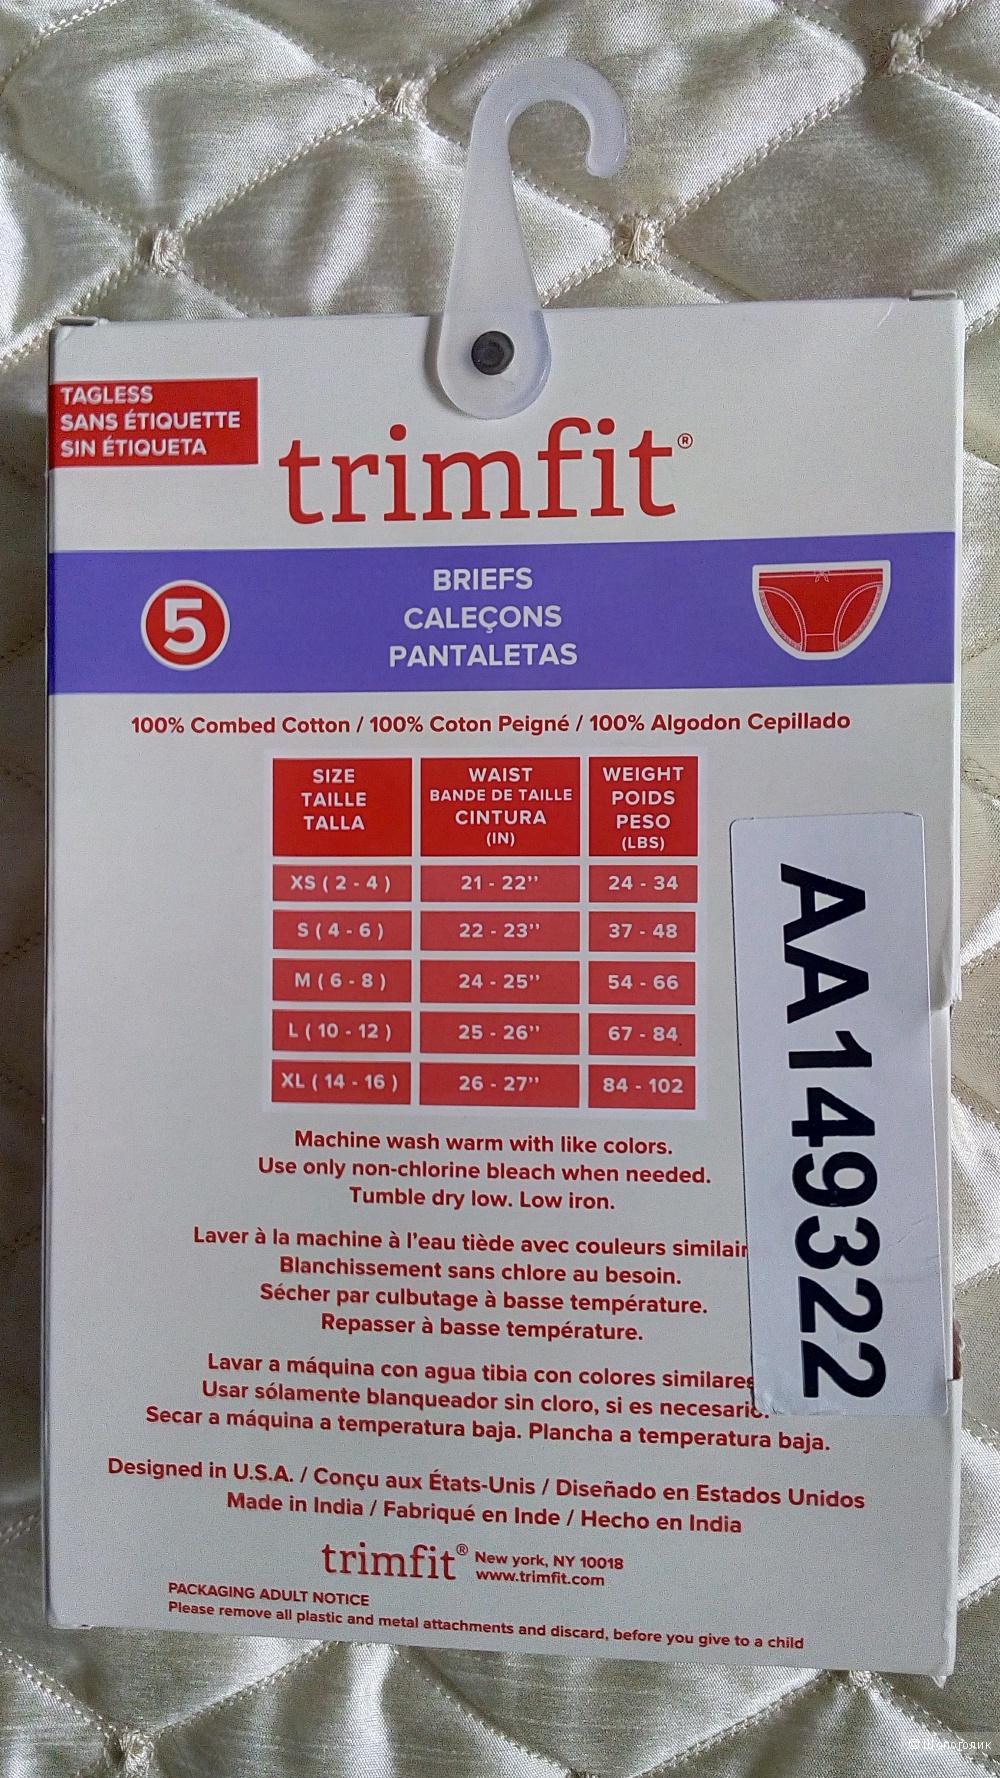 Набор трусиков (5 шт) Trimfit, размер 10-12 лет